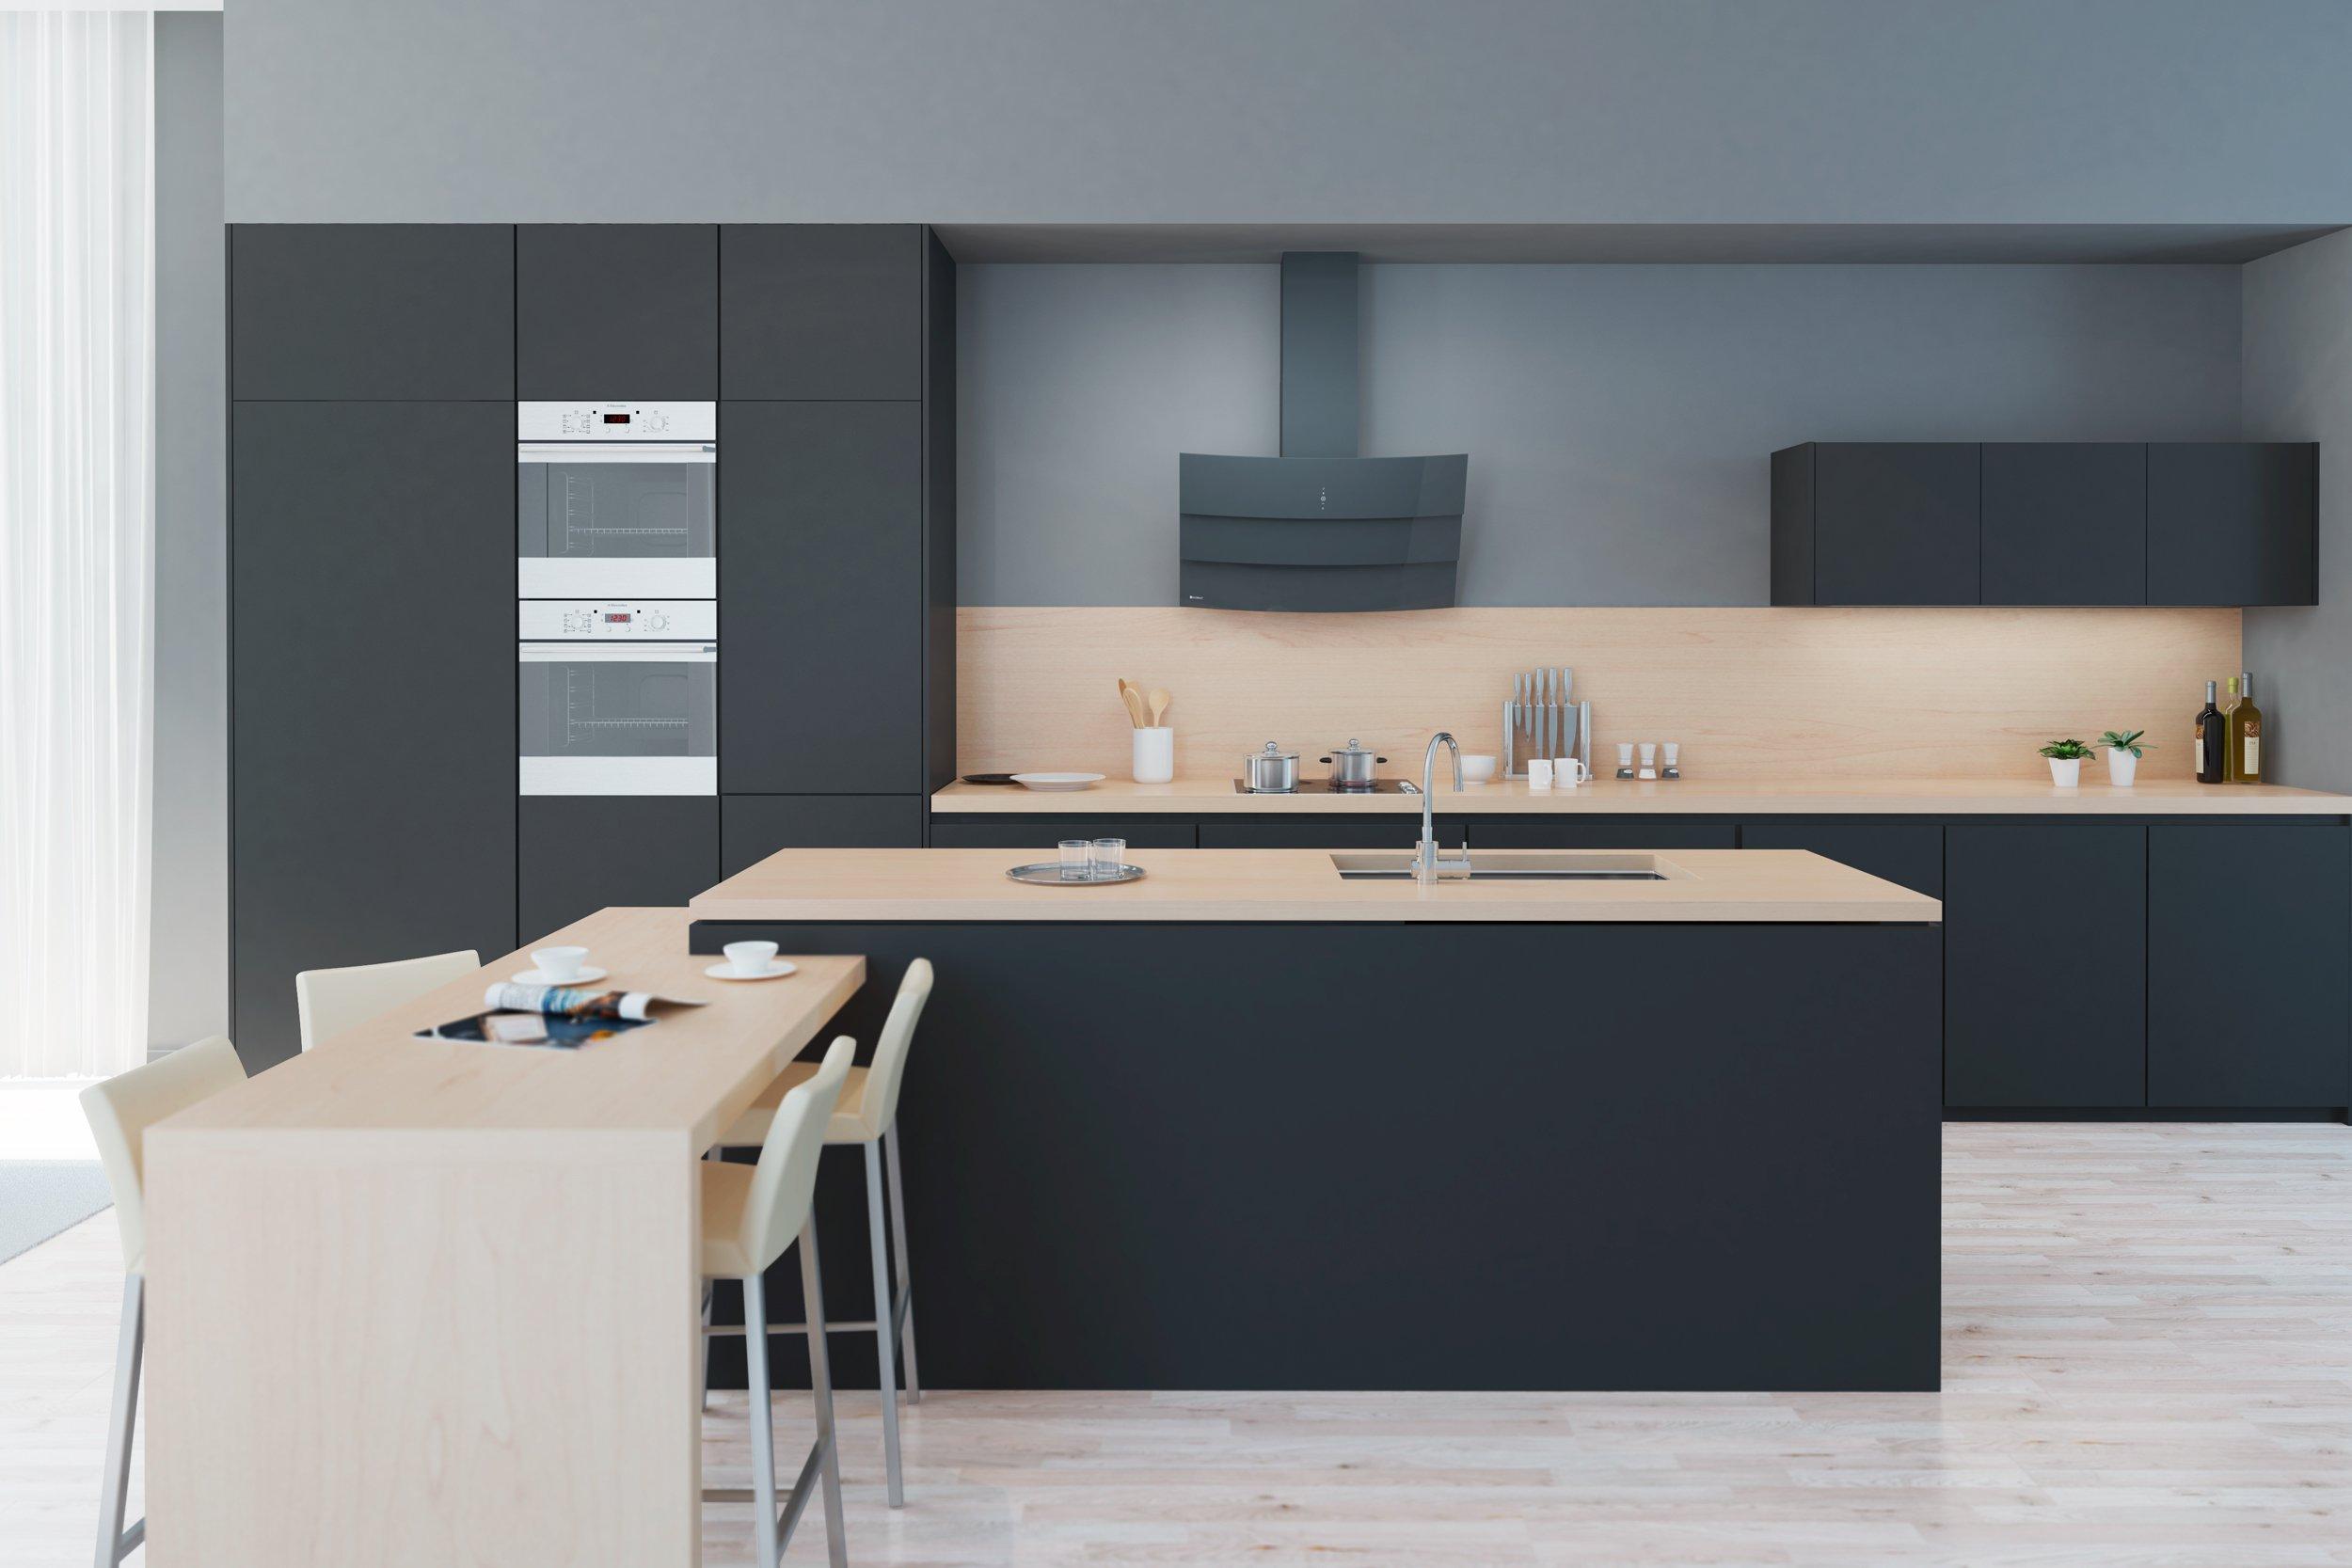 GLOBALO Vintio Grey  oczyszczanie kuchni w eleganckiej i ponadczasowej odsło   -> Kuchnia Orzech Amerykanski Cena